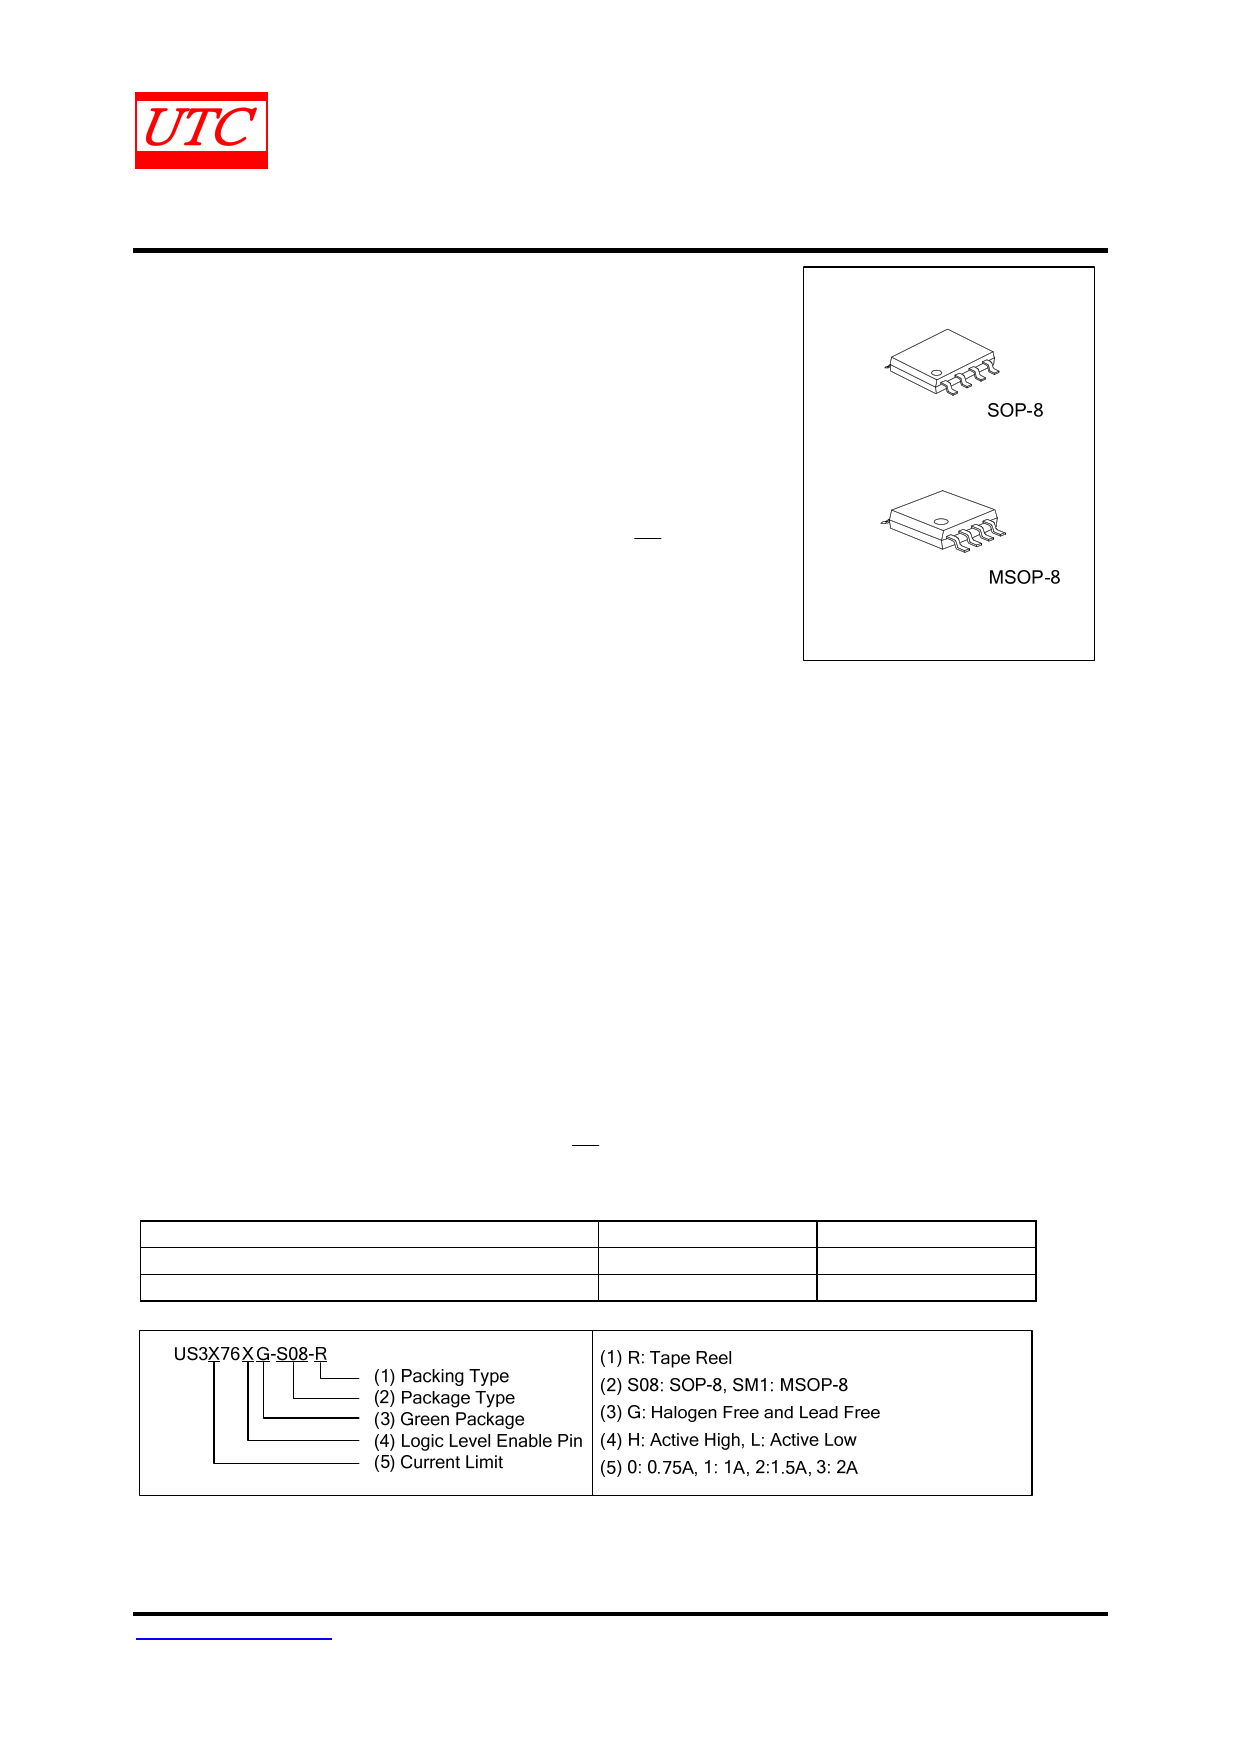 US3176 datasheet